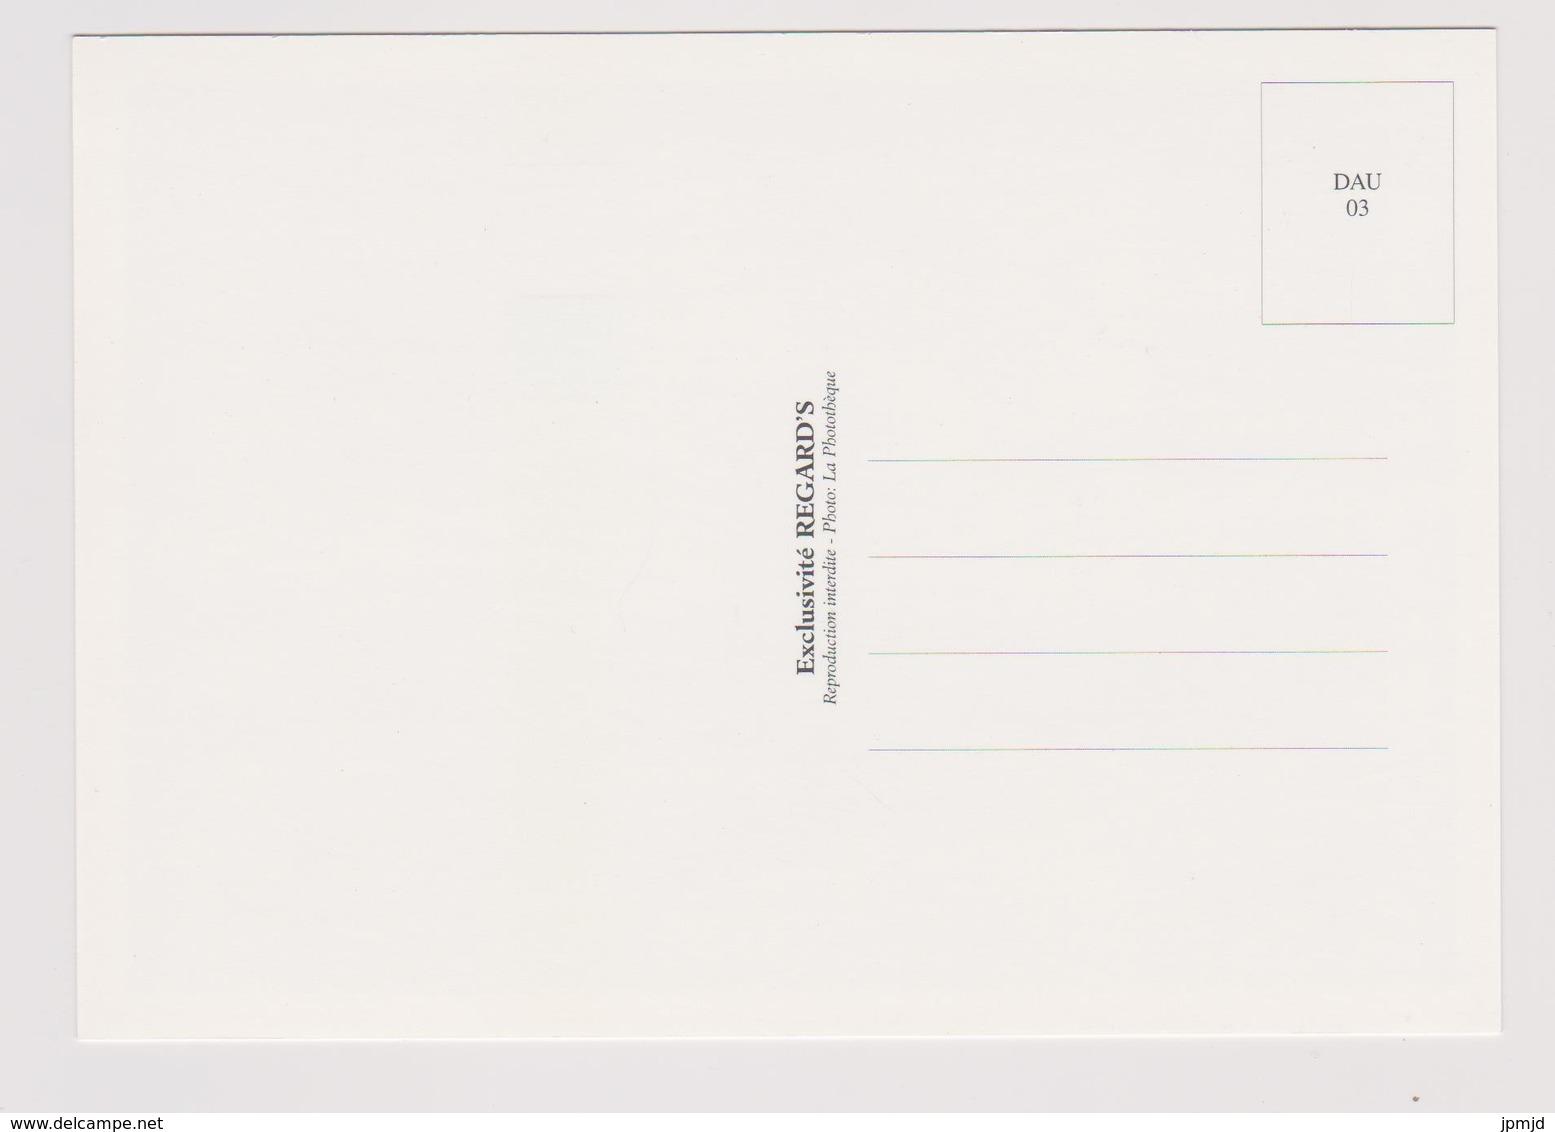 Dauphin - Exclusivité REGARD'S N° DAU 03 - Dauphins